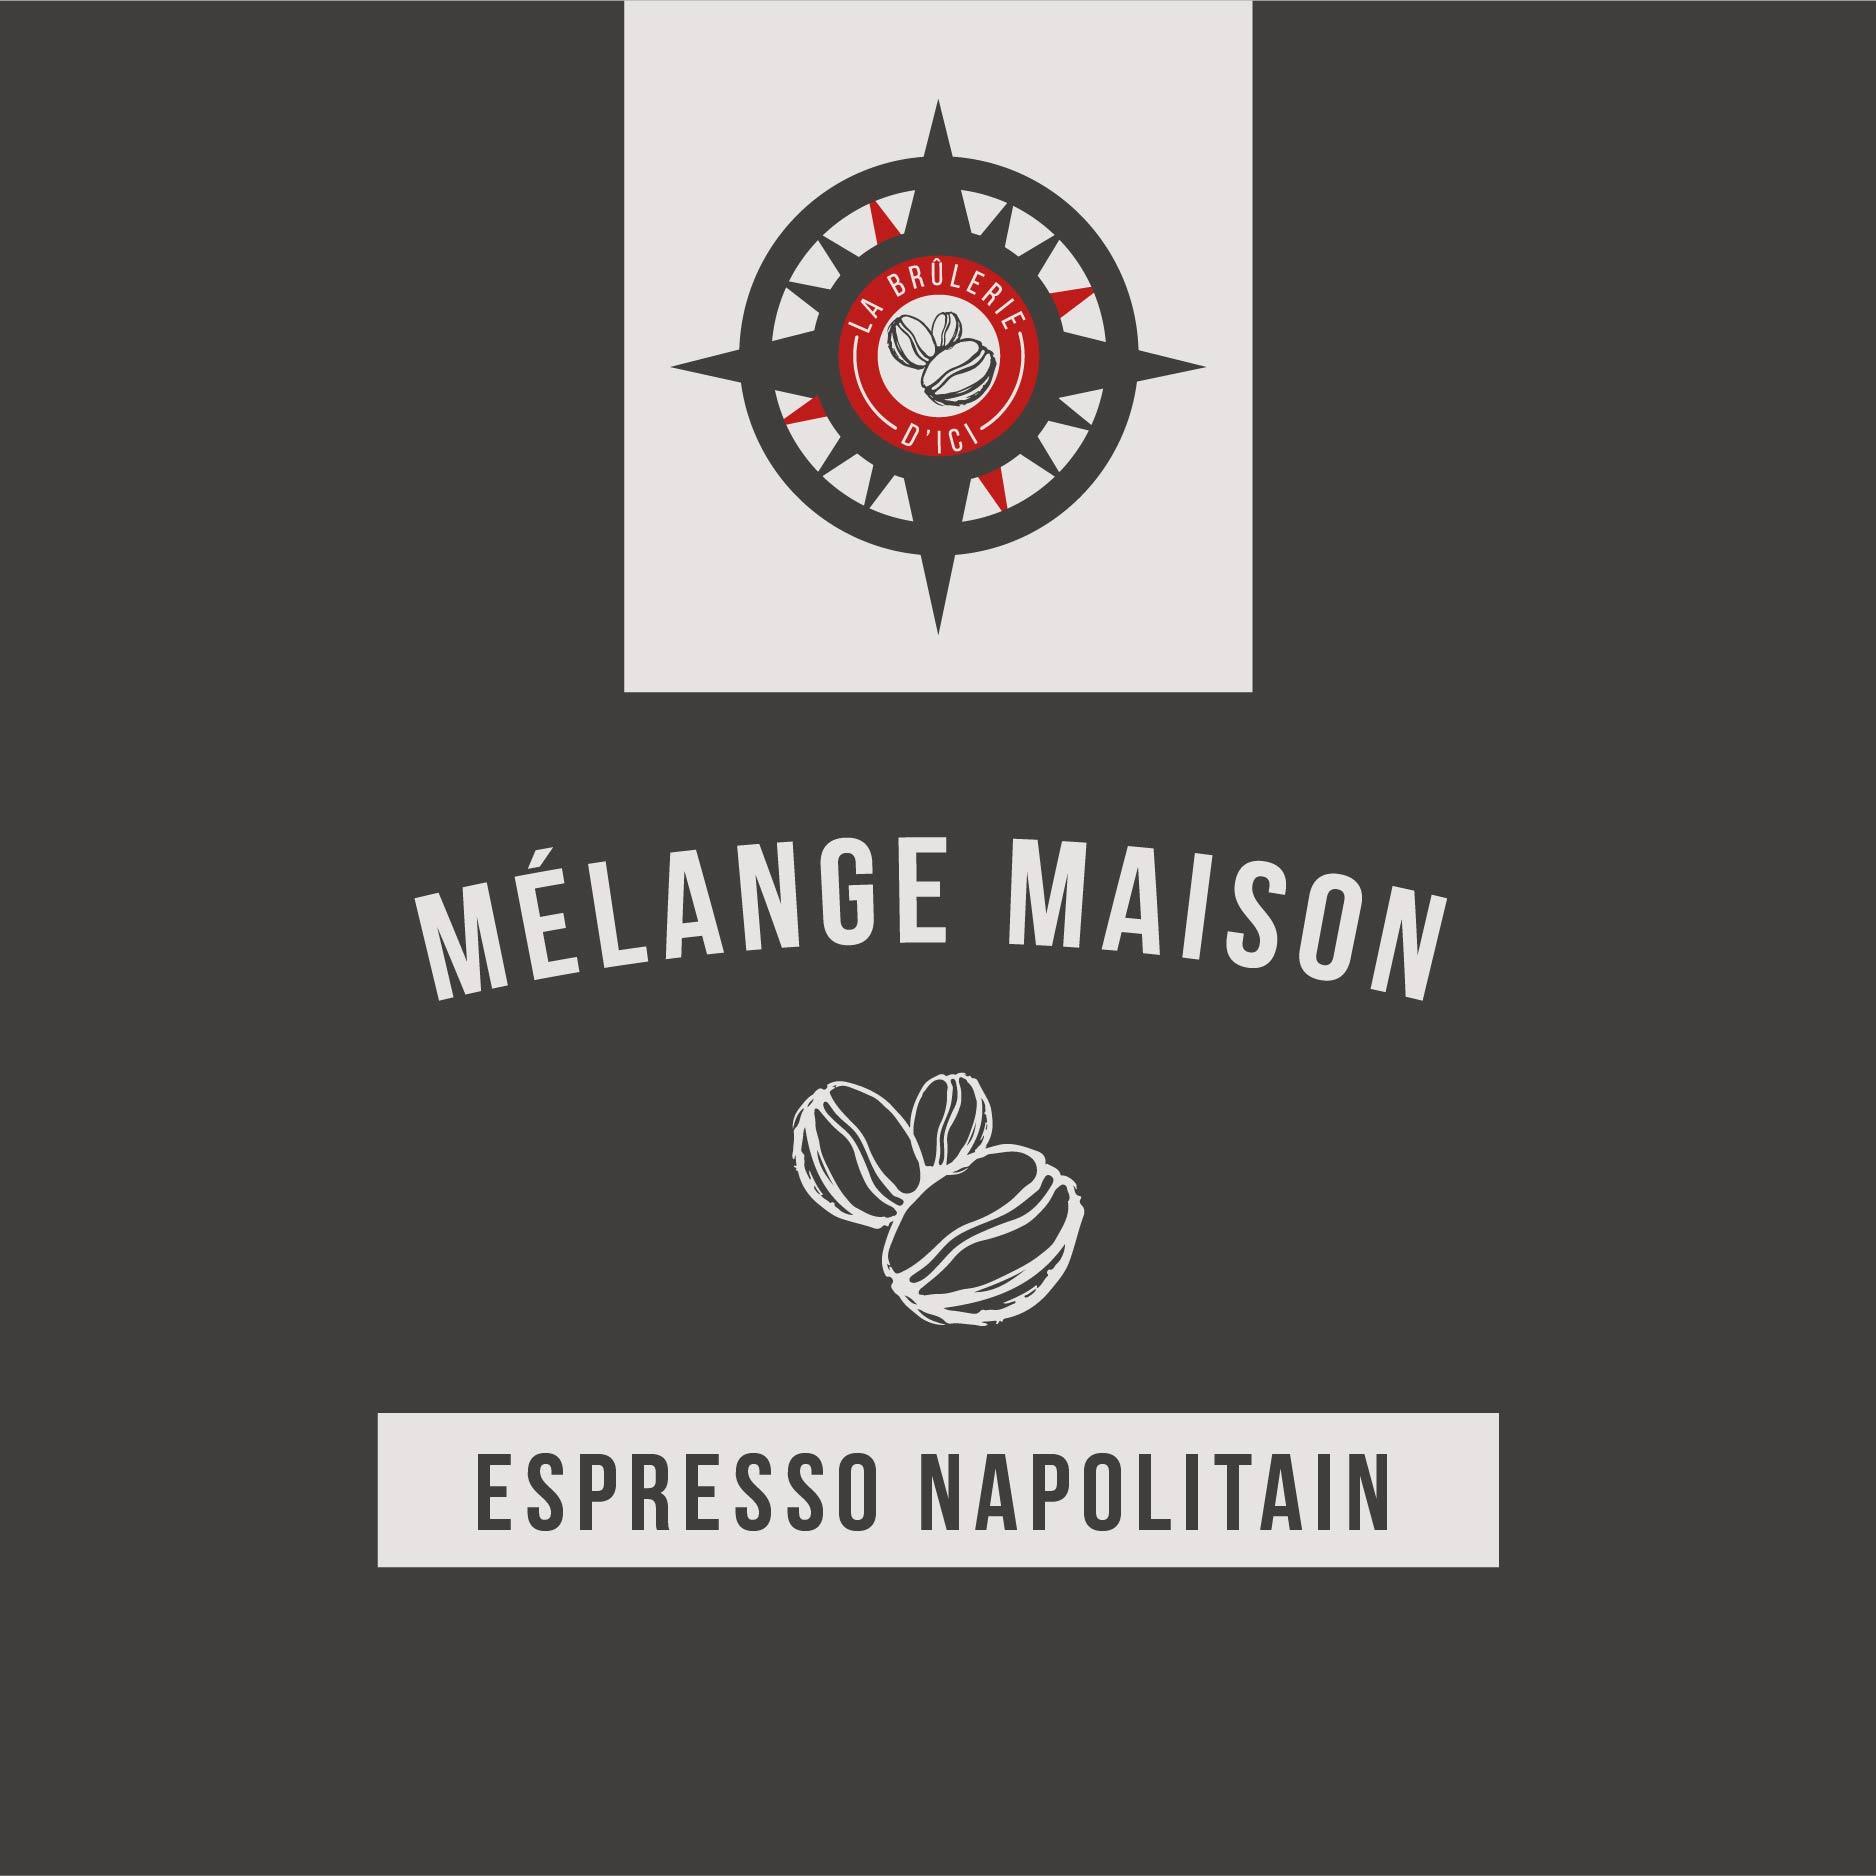 Espresso Napolitain - Mélange maison